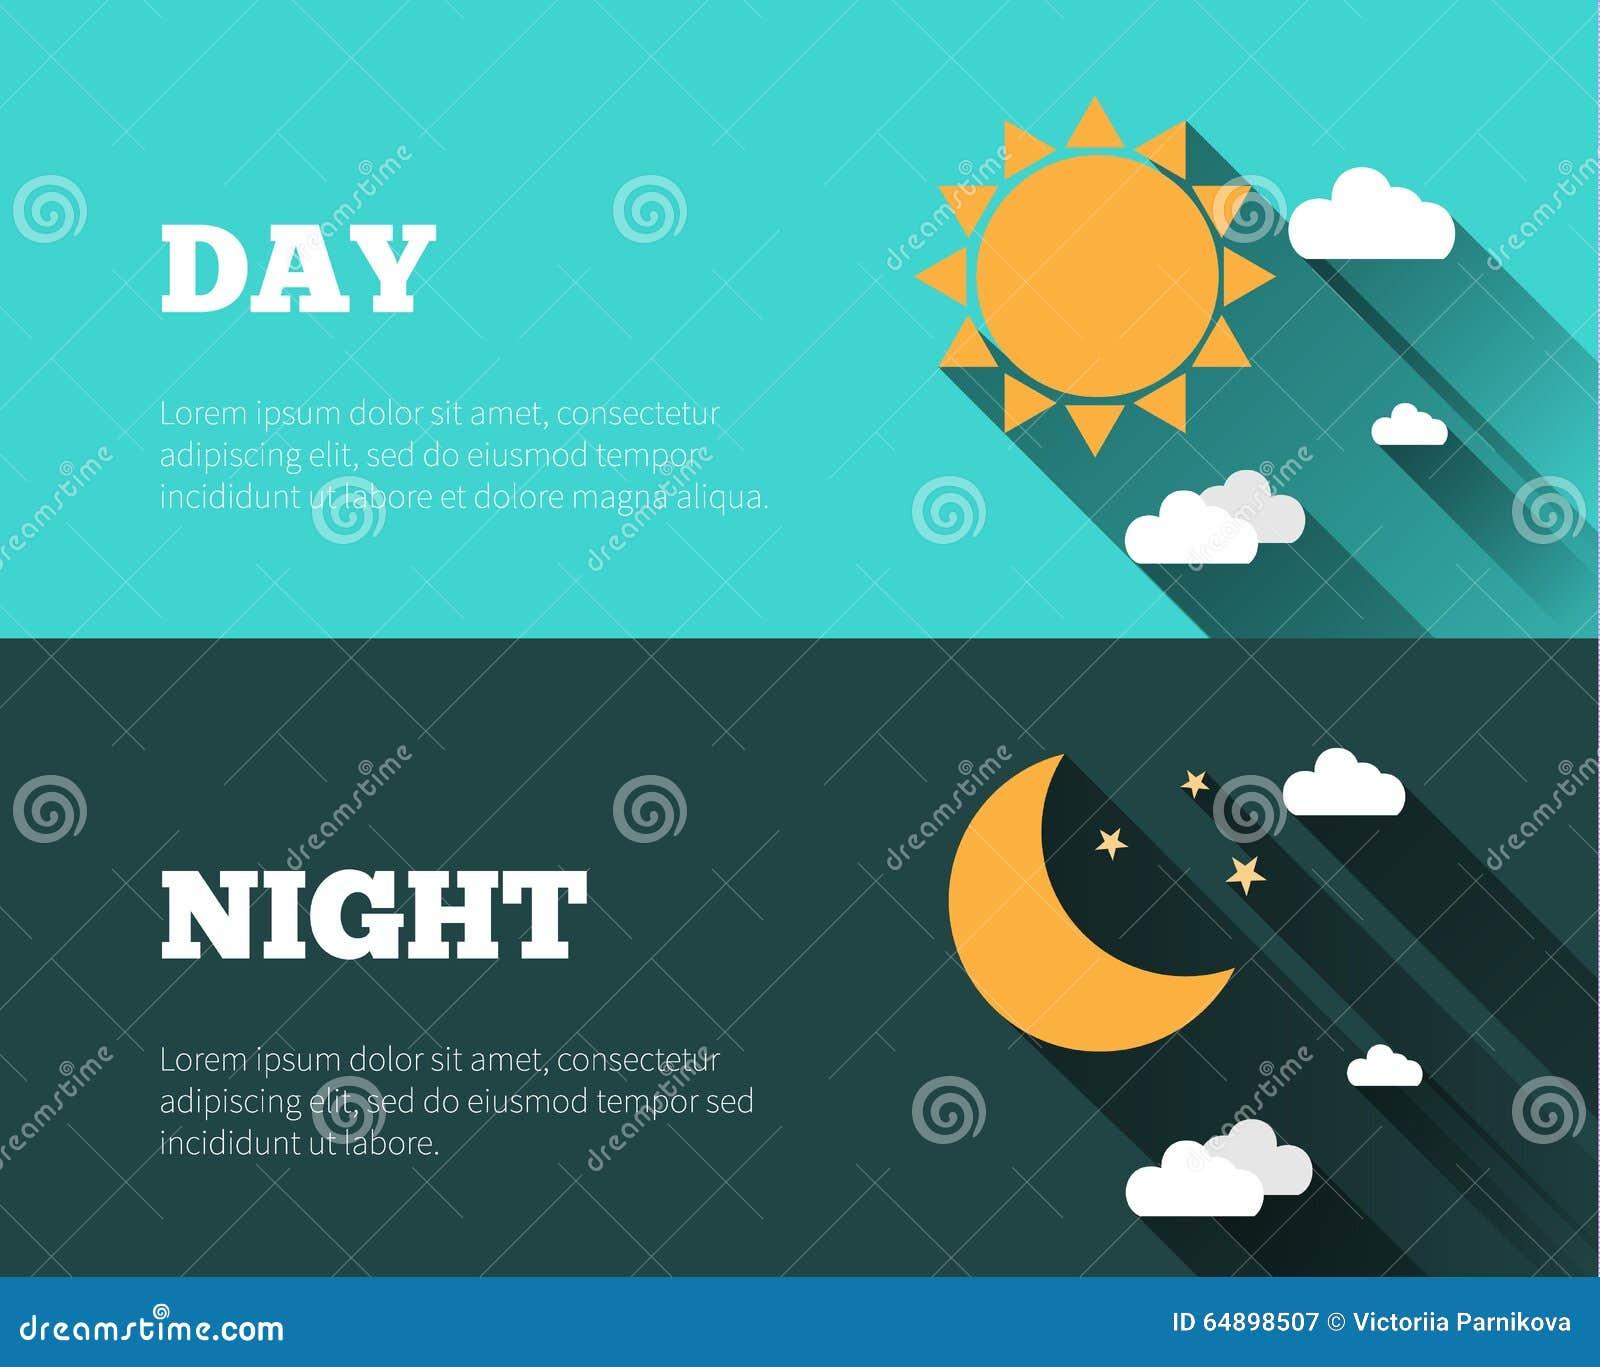 Solen måne och stjärnor, fördunklar symboler Dygnet runt himmelvektorbann